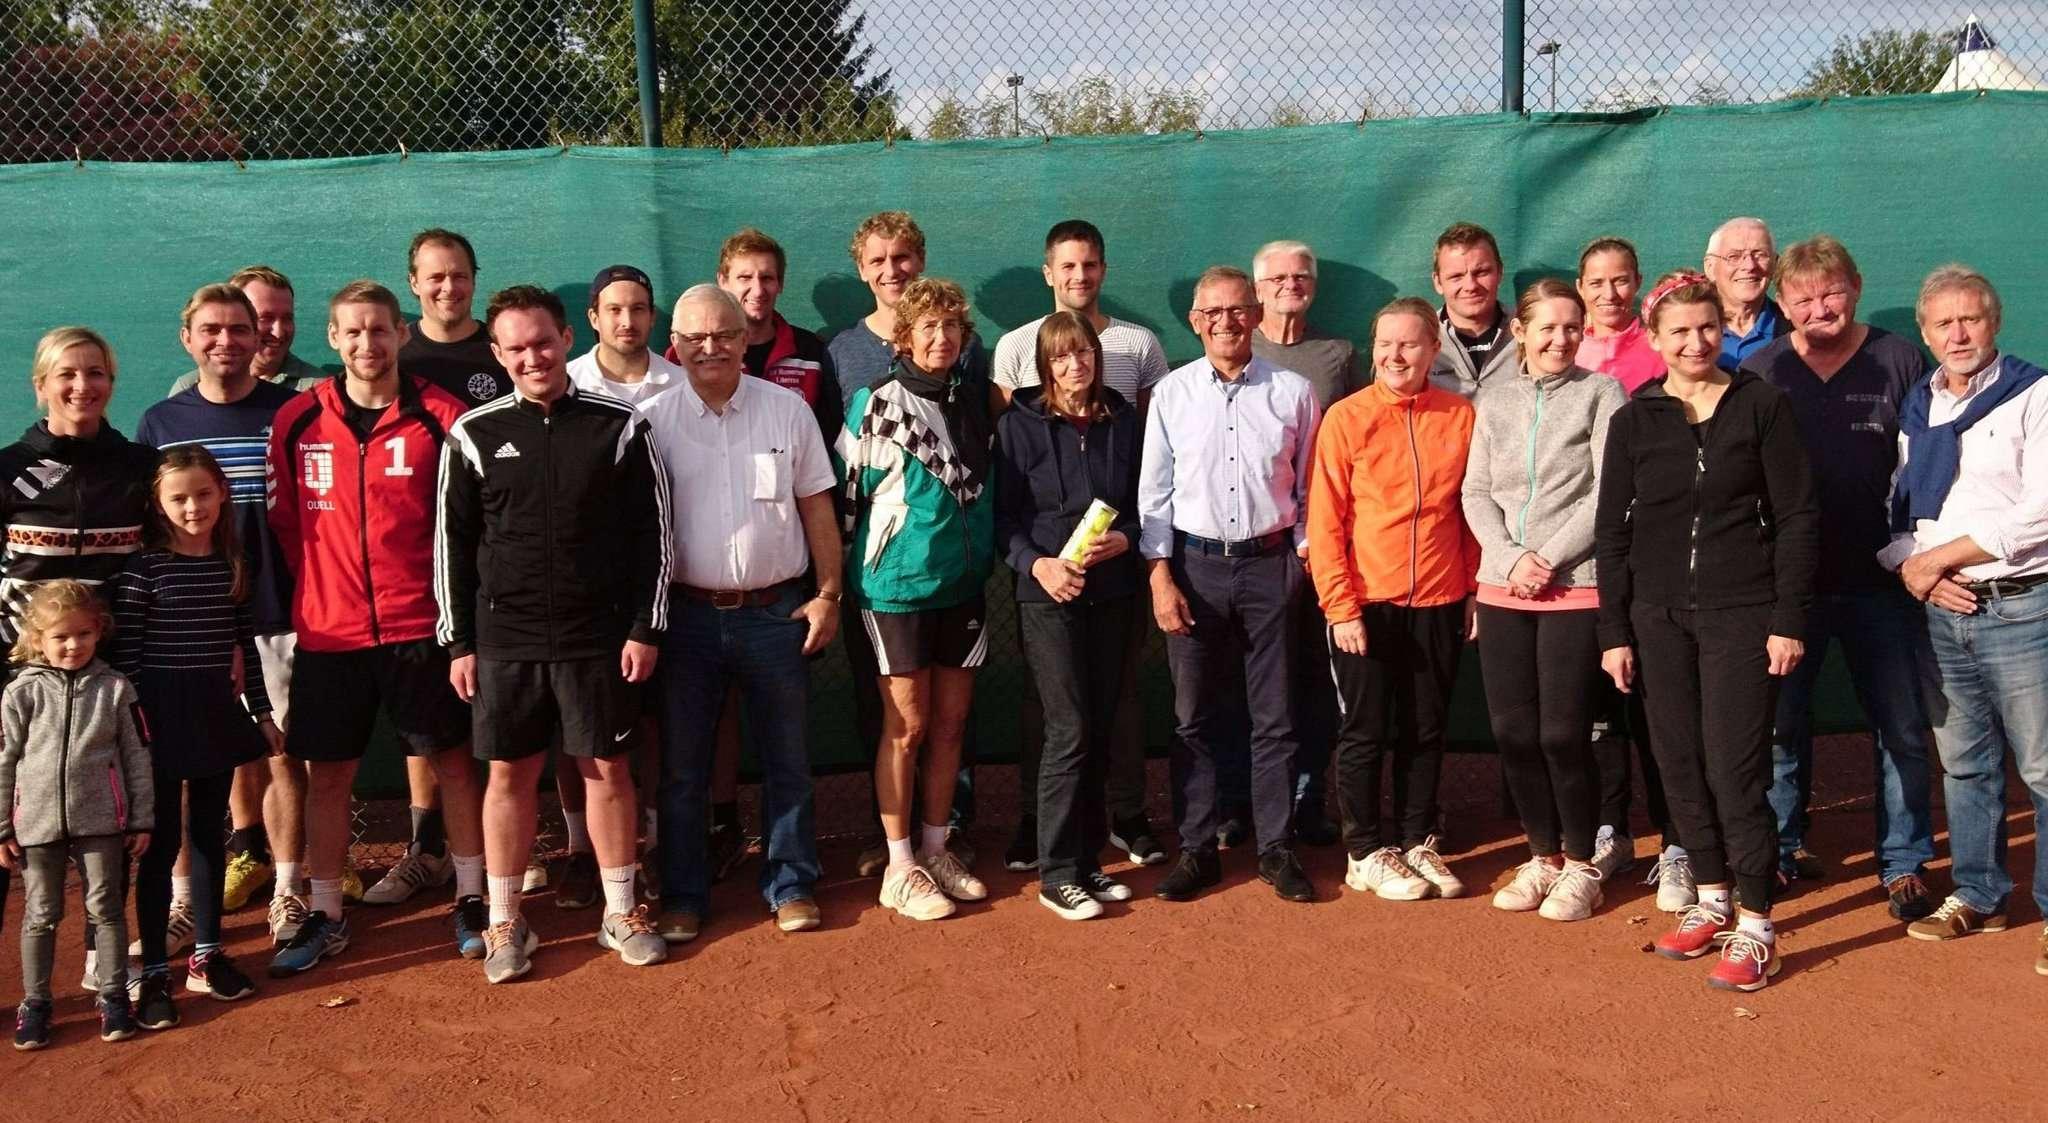 Die Doppel-Vereinsmeisterschaften waren das letzte offizielle Turnier in diesem Jahr für die VfL-Tennisspieler.